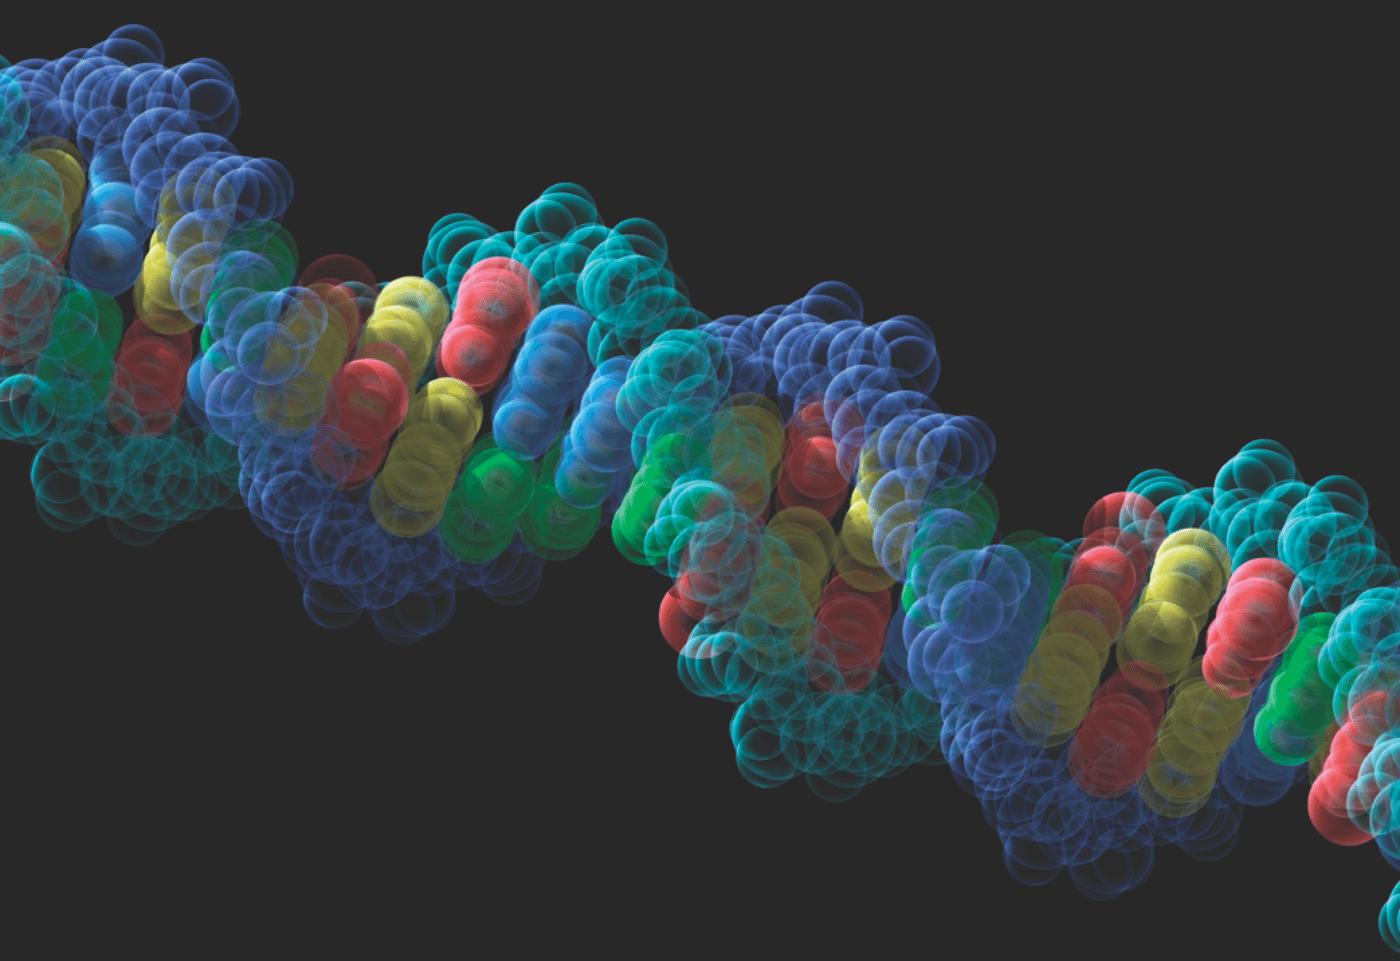 Создан компьютер на основе ДНК, который наконец-то можно перепрограммировать